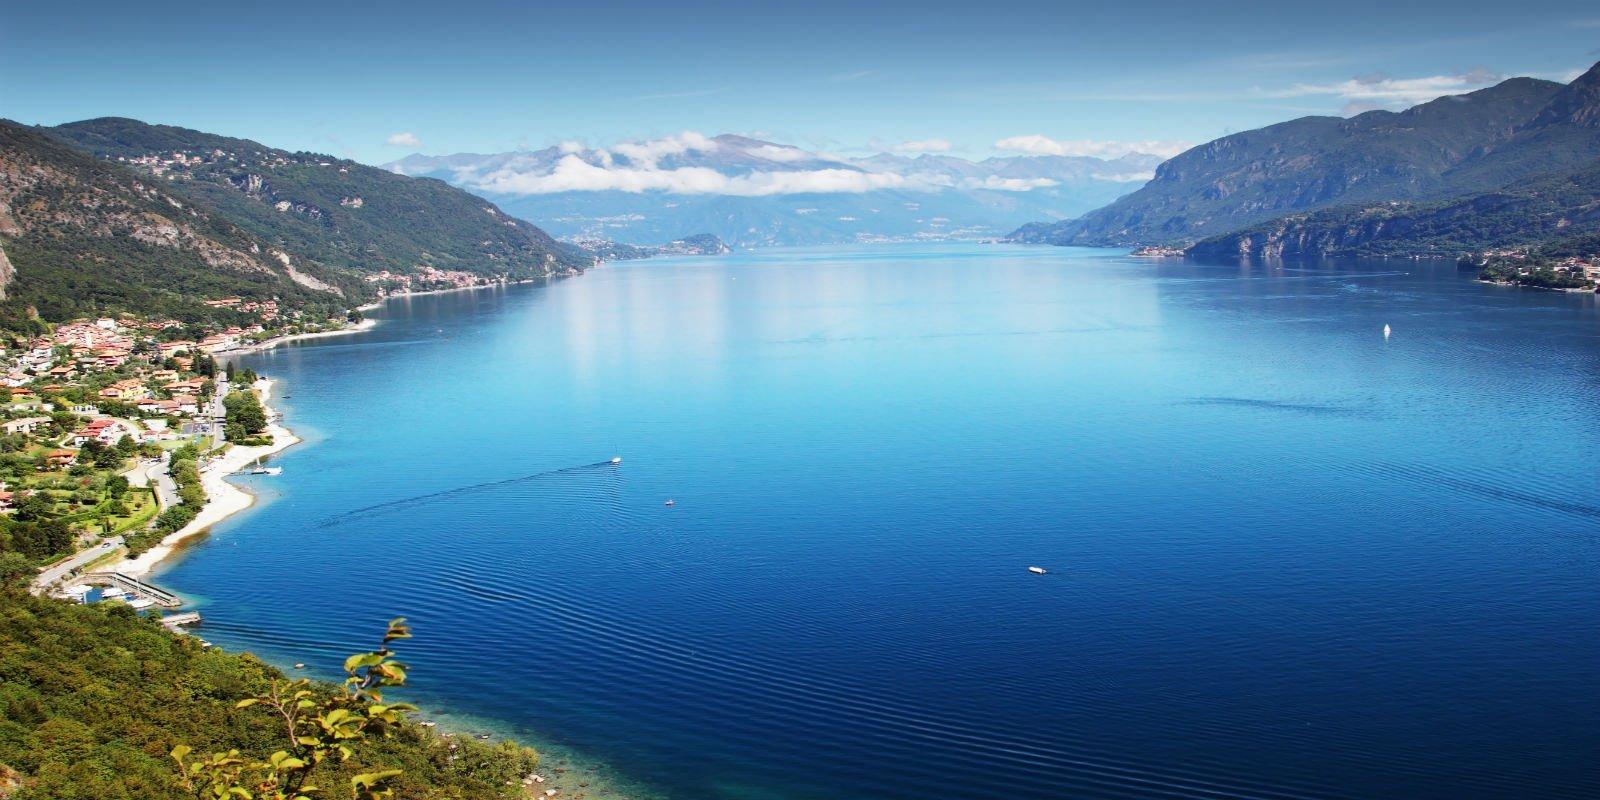 vista del lago e delle montagne